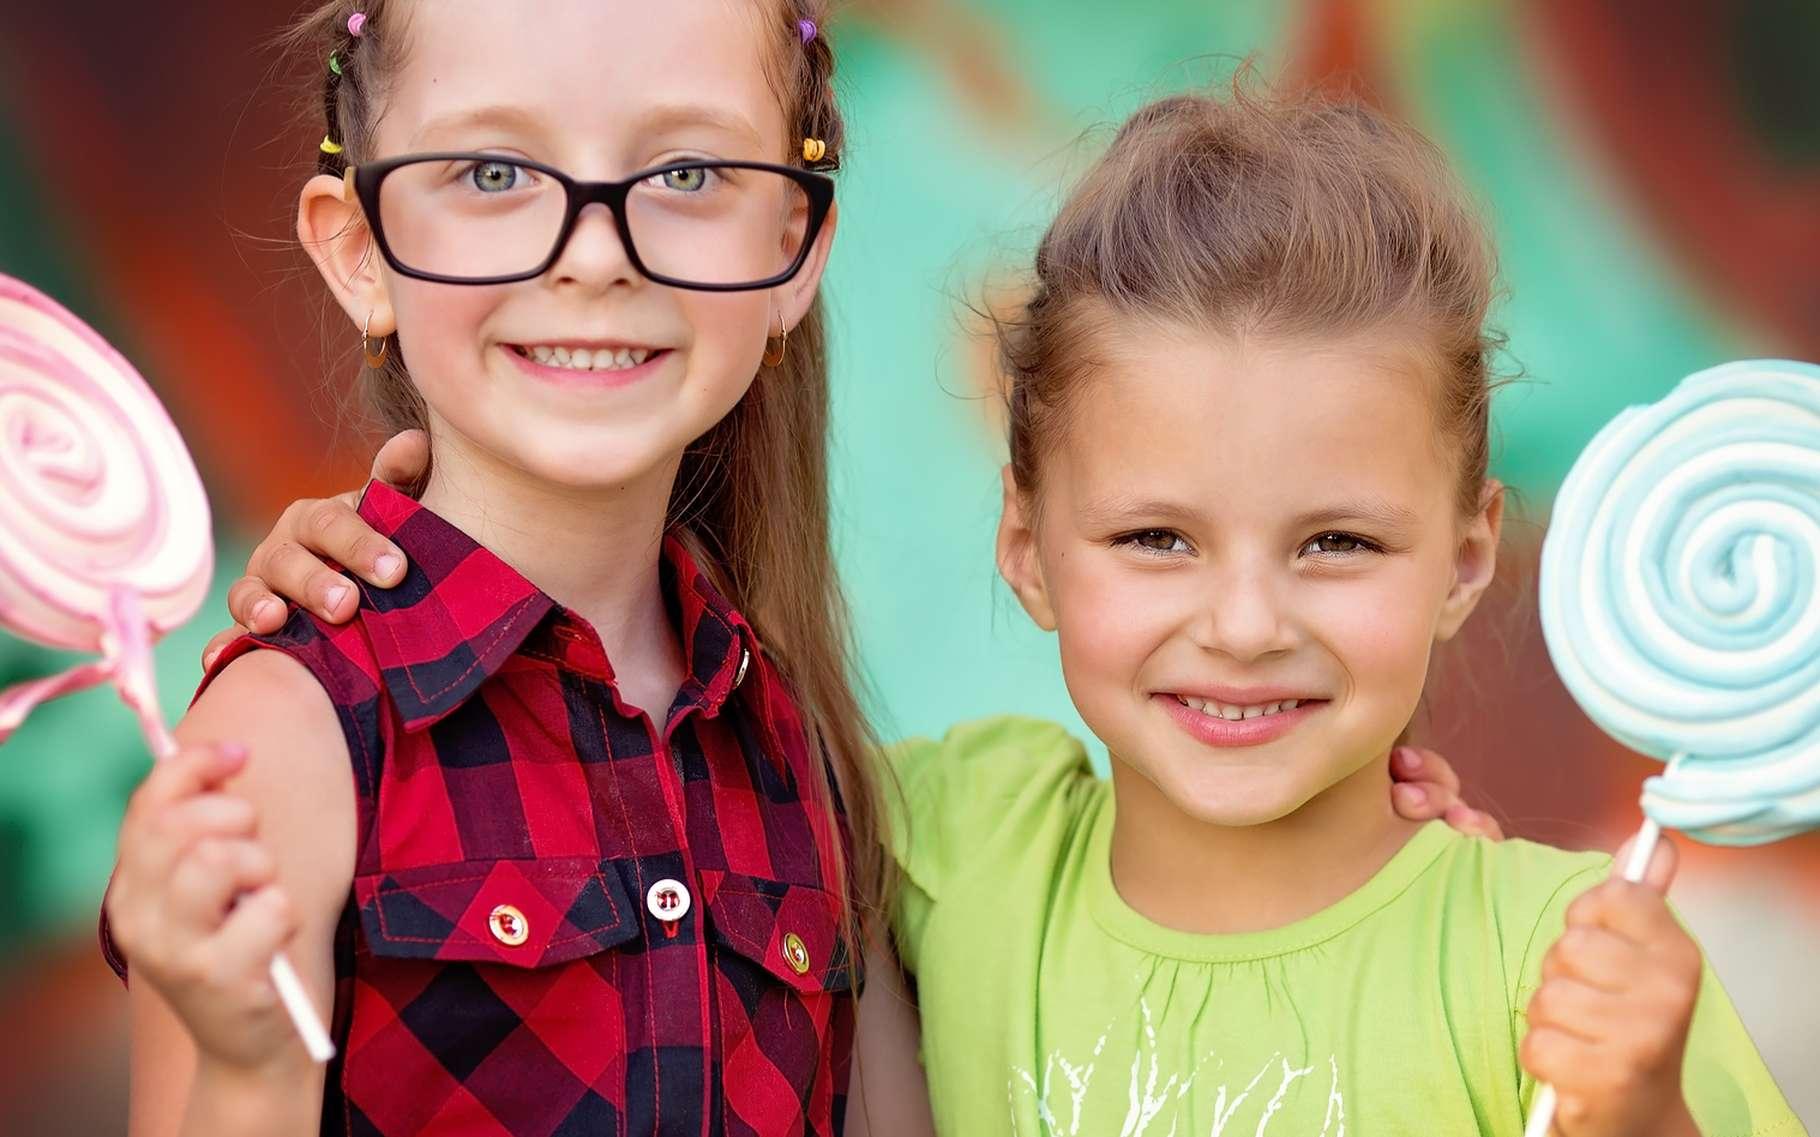 Manger du sucre excite-t-il les enfants ? Beaucoup de parents en sont convaincus. Les scientifiques pourtant ne semblent pas leur donner raison. © Tania Kolinko, Shutterstock